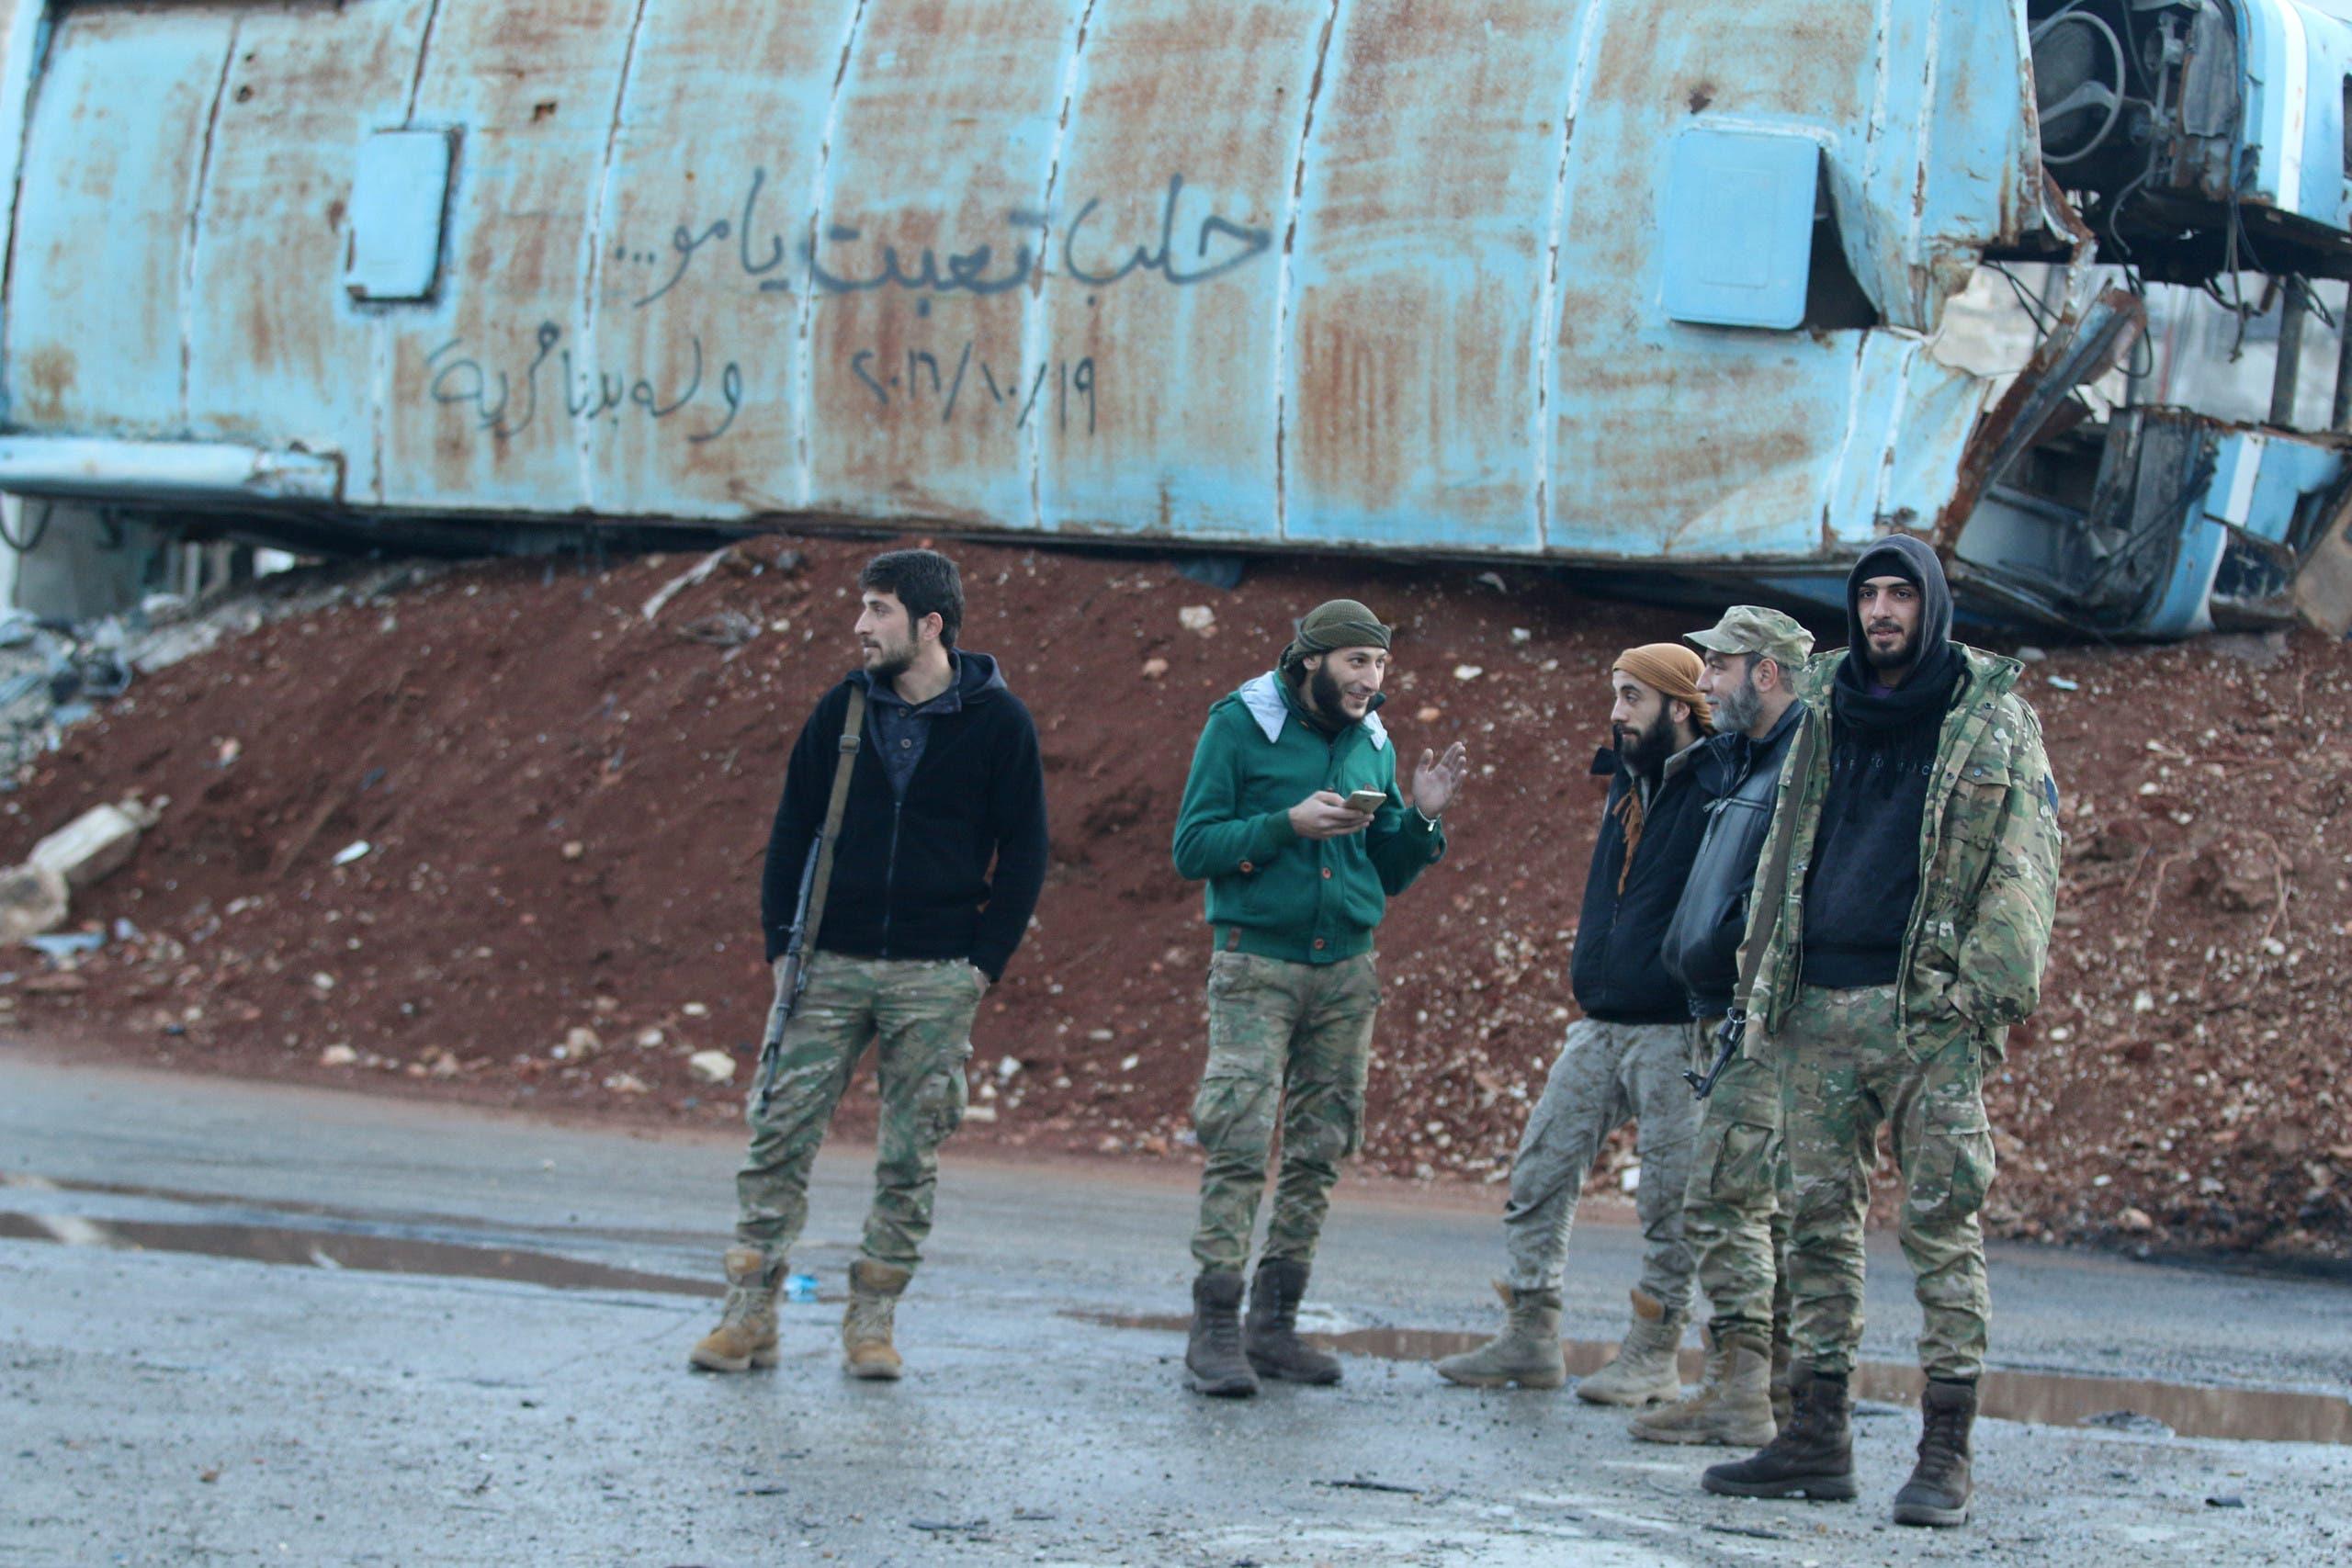 عناصر من المعارضة السورية في منطقة باب الحديد بحلب